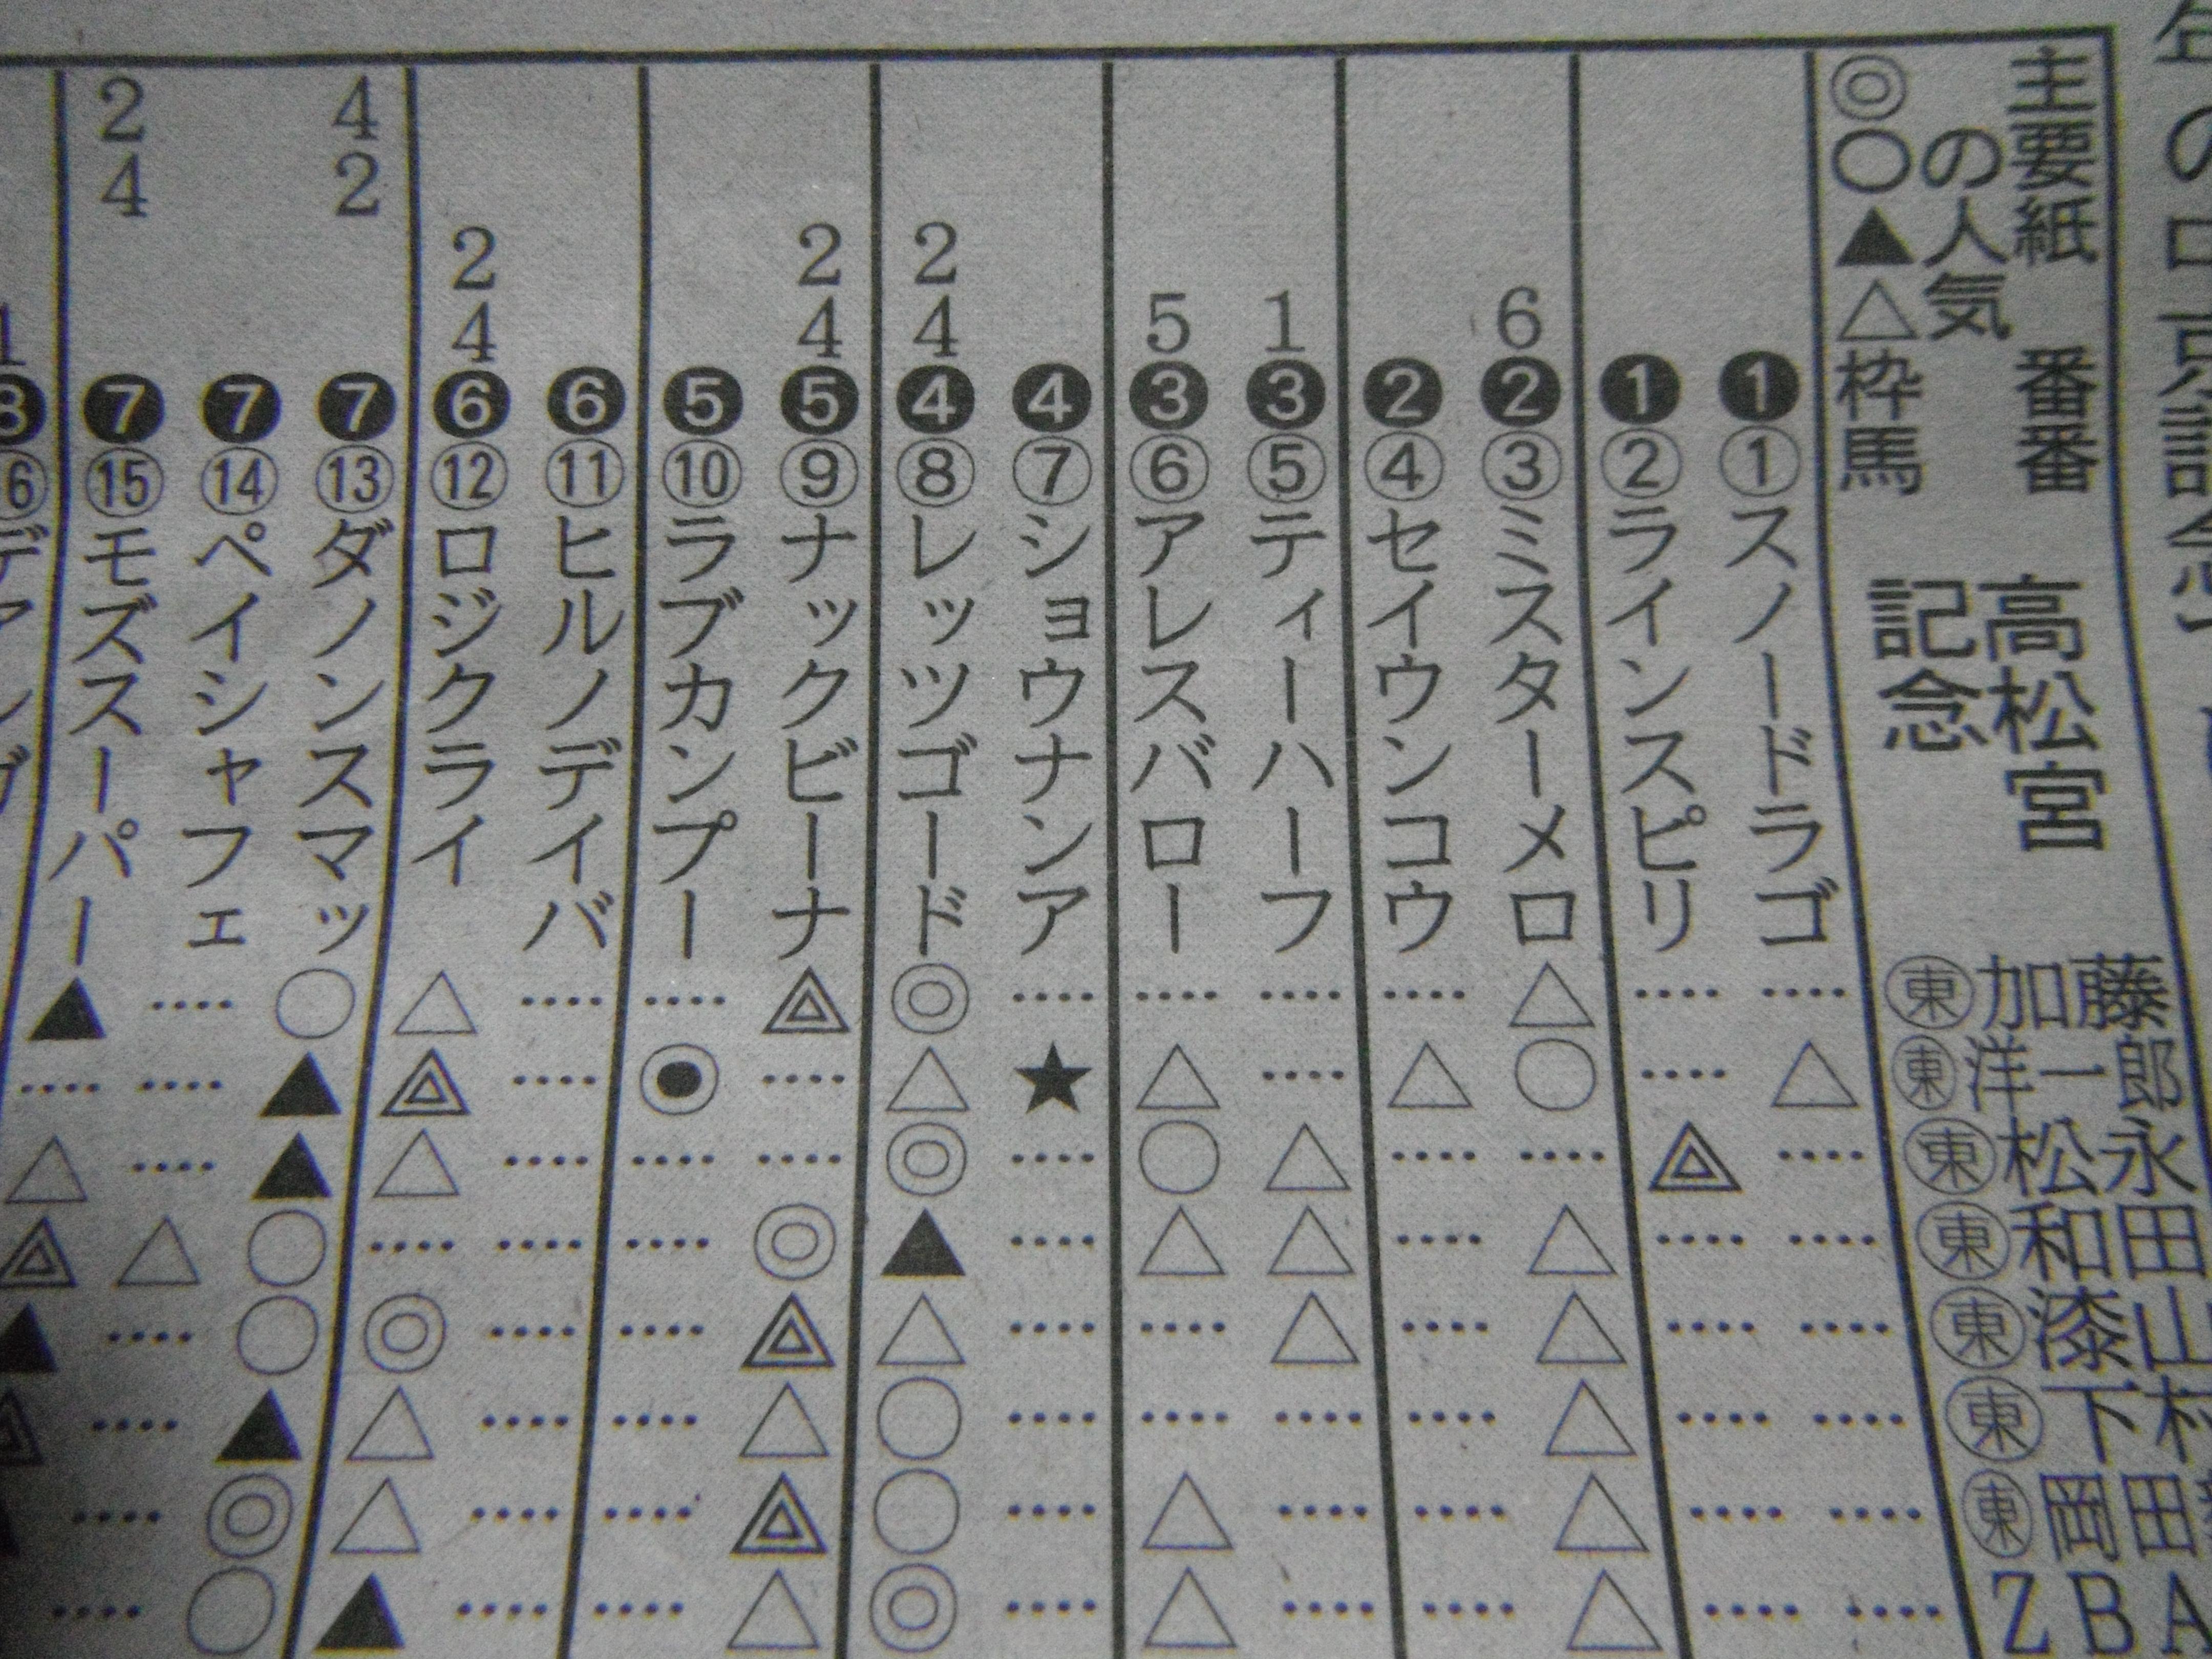 高松宮記念G1、3連単449万7470円を予想した記者